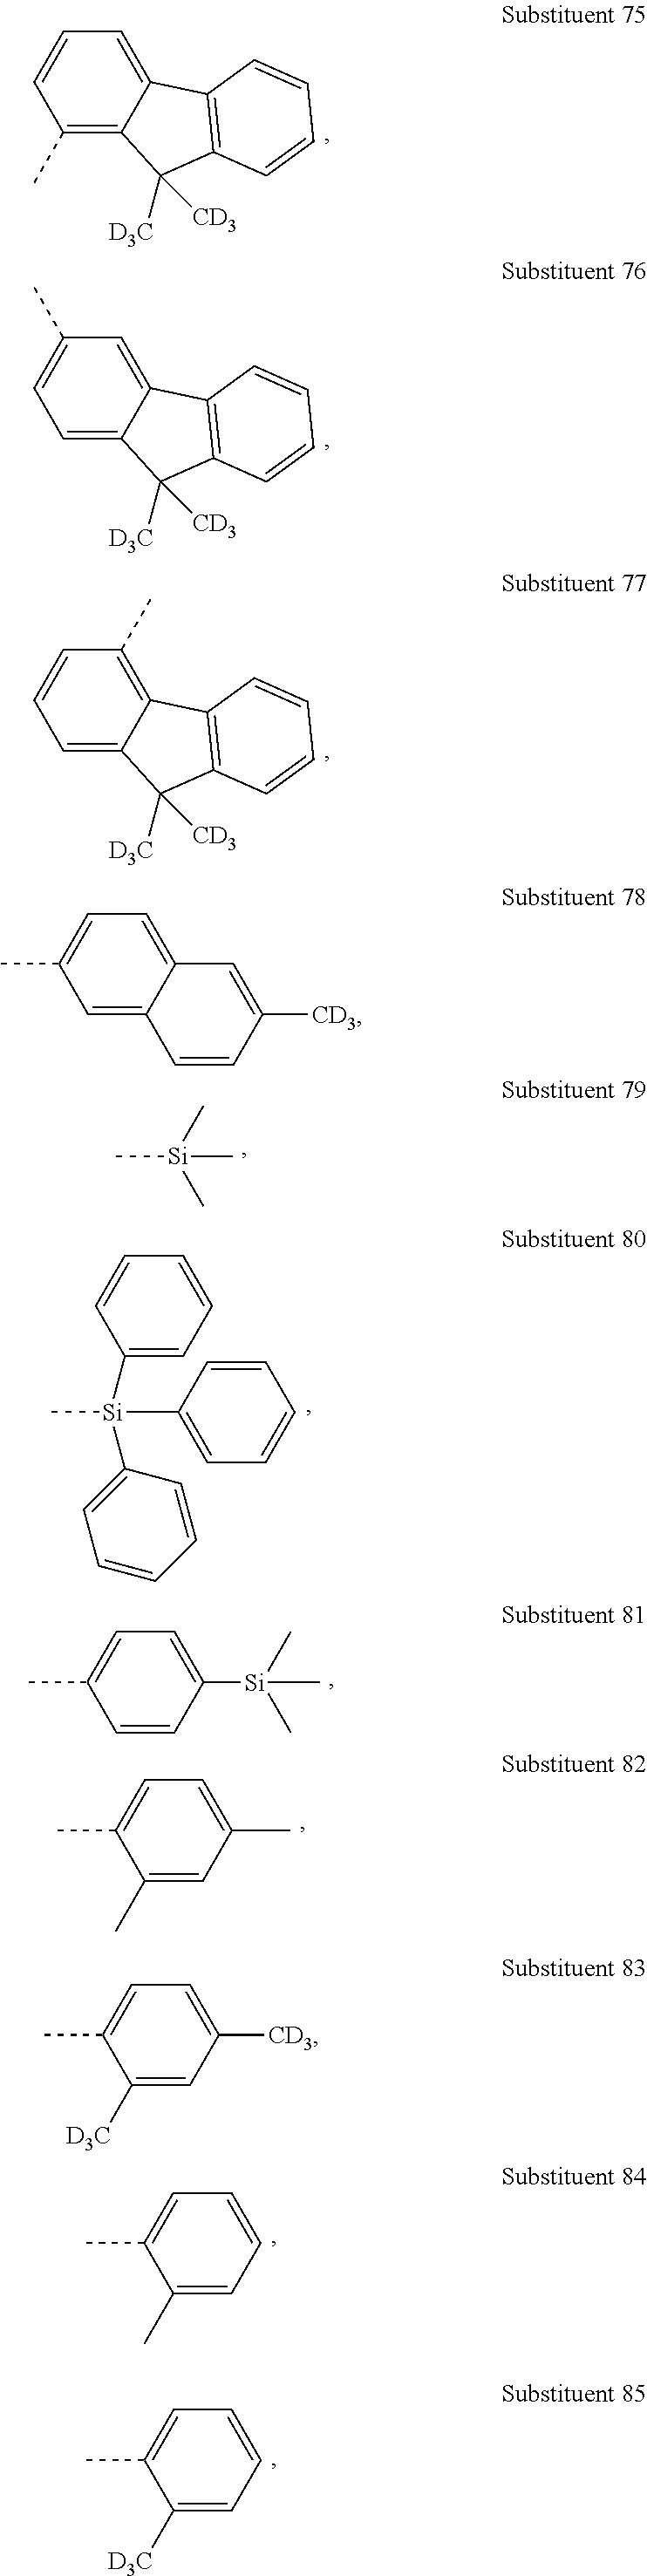 Figure US20170365801A1-20171221-C00166